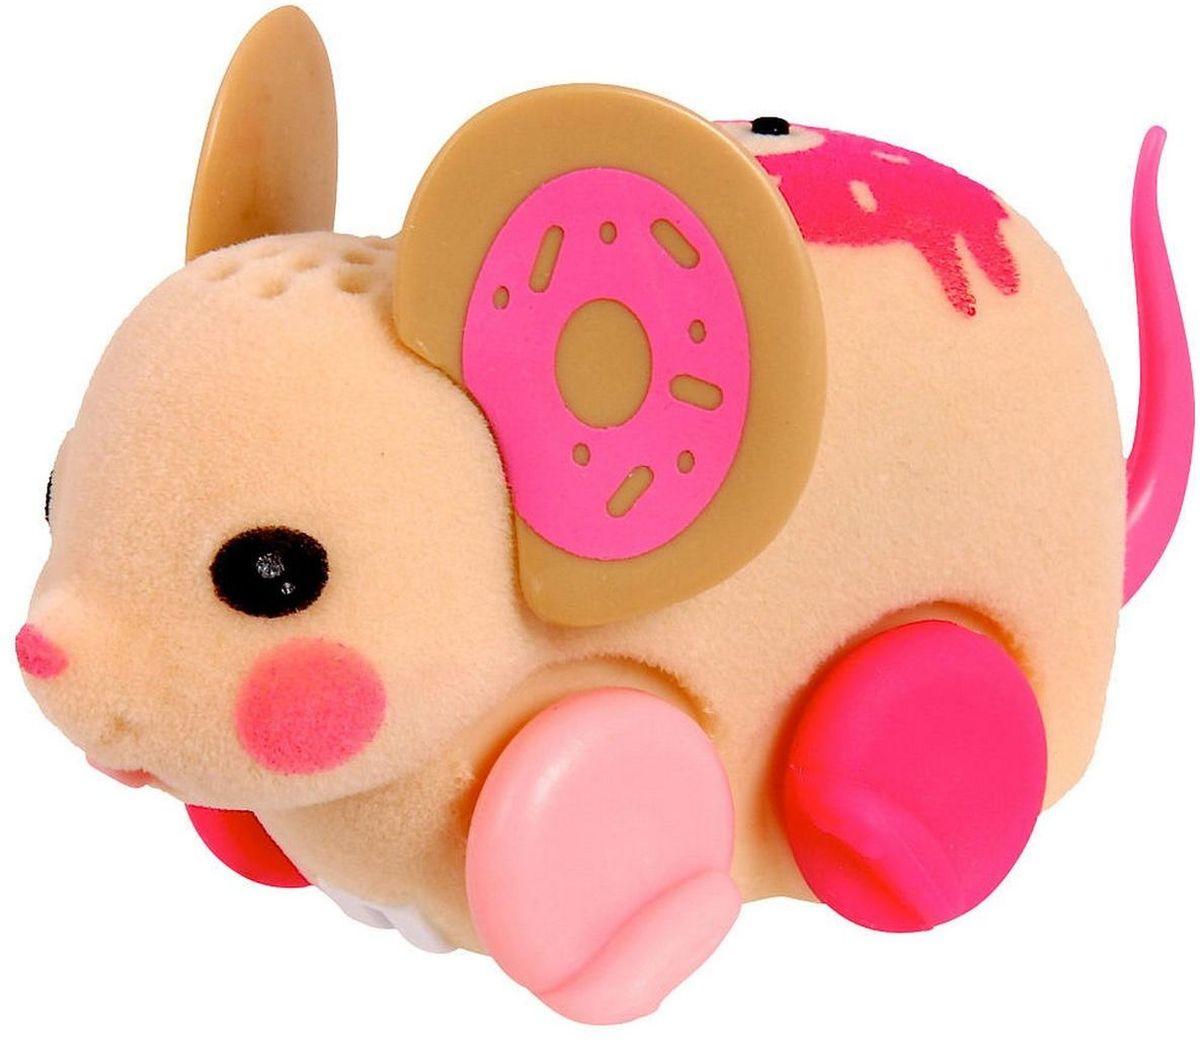 Little Live Pets Интерактивная игрушка Мышка цвет бежевый розовый28191/ast28135(28187,28188,28189,28190,28191,28192)Интерактивная игрушка Little Live Pet Мышка изготовлена из высокопрочного пластика, обтянутого флоком. Тело игрушки на ощупь напоминает настоящую шерстку мышонка. Вместо лапок у мышки - колесики. Благодаря колесам мышка легко и быстро передвигается, разворачивается по кругу. Если мышка засыпает, ее нужно погладить по спинке. Там у нее расположен сенсор. Кнопка включения расположена на месте рта. Мышка умеет издавать звуки, похожие на настоящий писк и фырканье. Игрушка развивает внимательность, фантазию и мелкую моторику. Рекомендовано для детей от 5 лет. Для работы требуются 3 батарейки типа AG13 (LR44) (комплектуется демонстрационными).